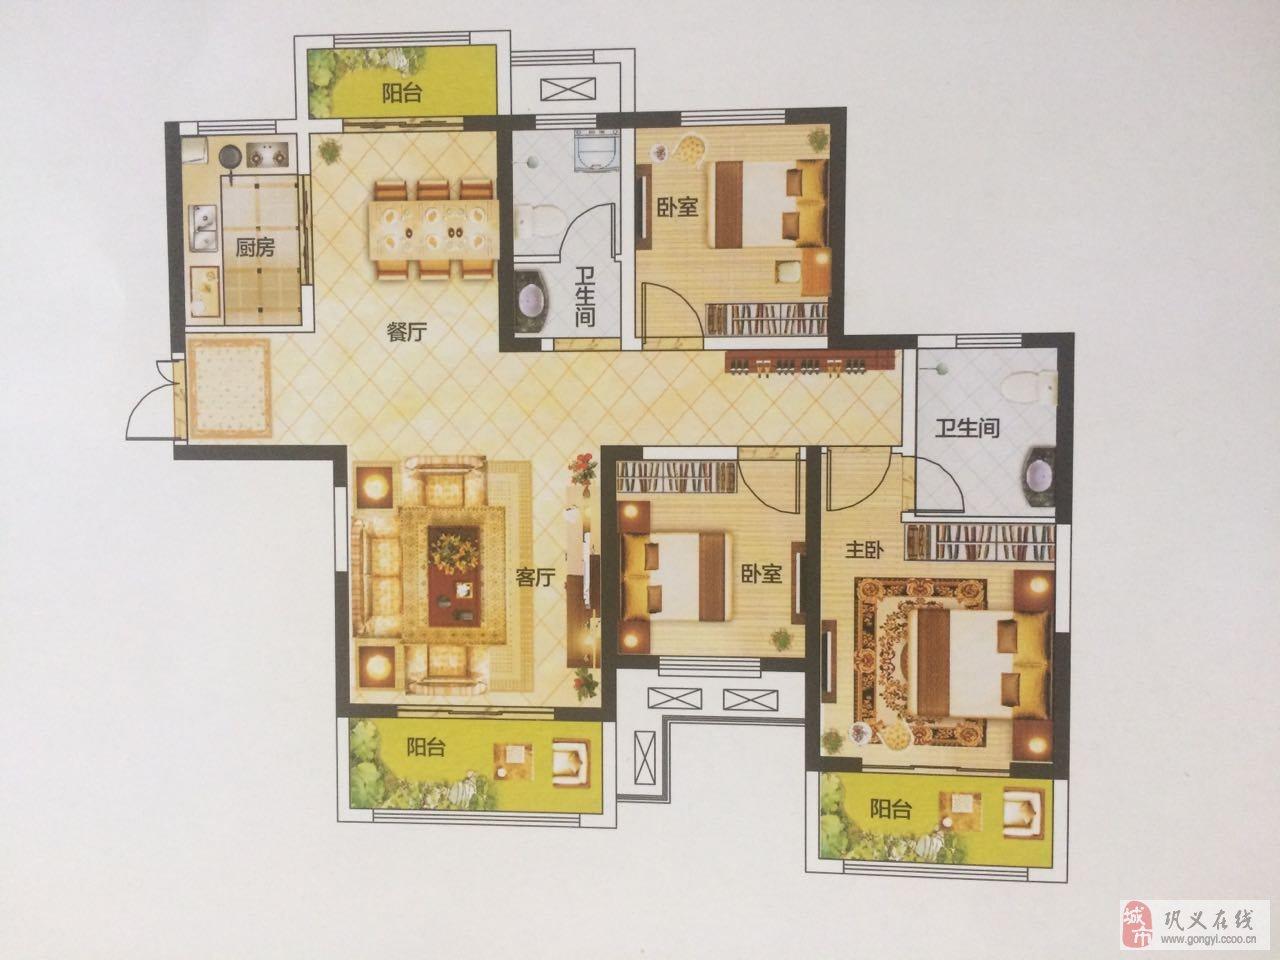 建业壹号城邦三室两厅两卫毛坯可分期付款-巩义在线